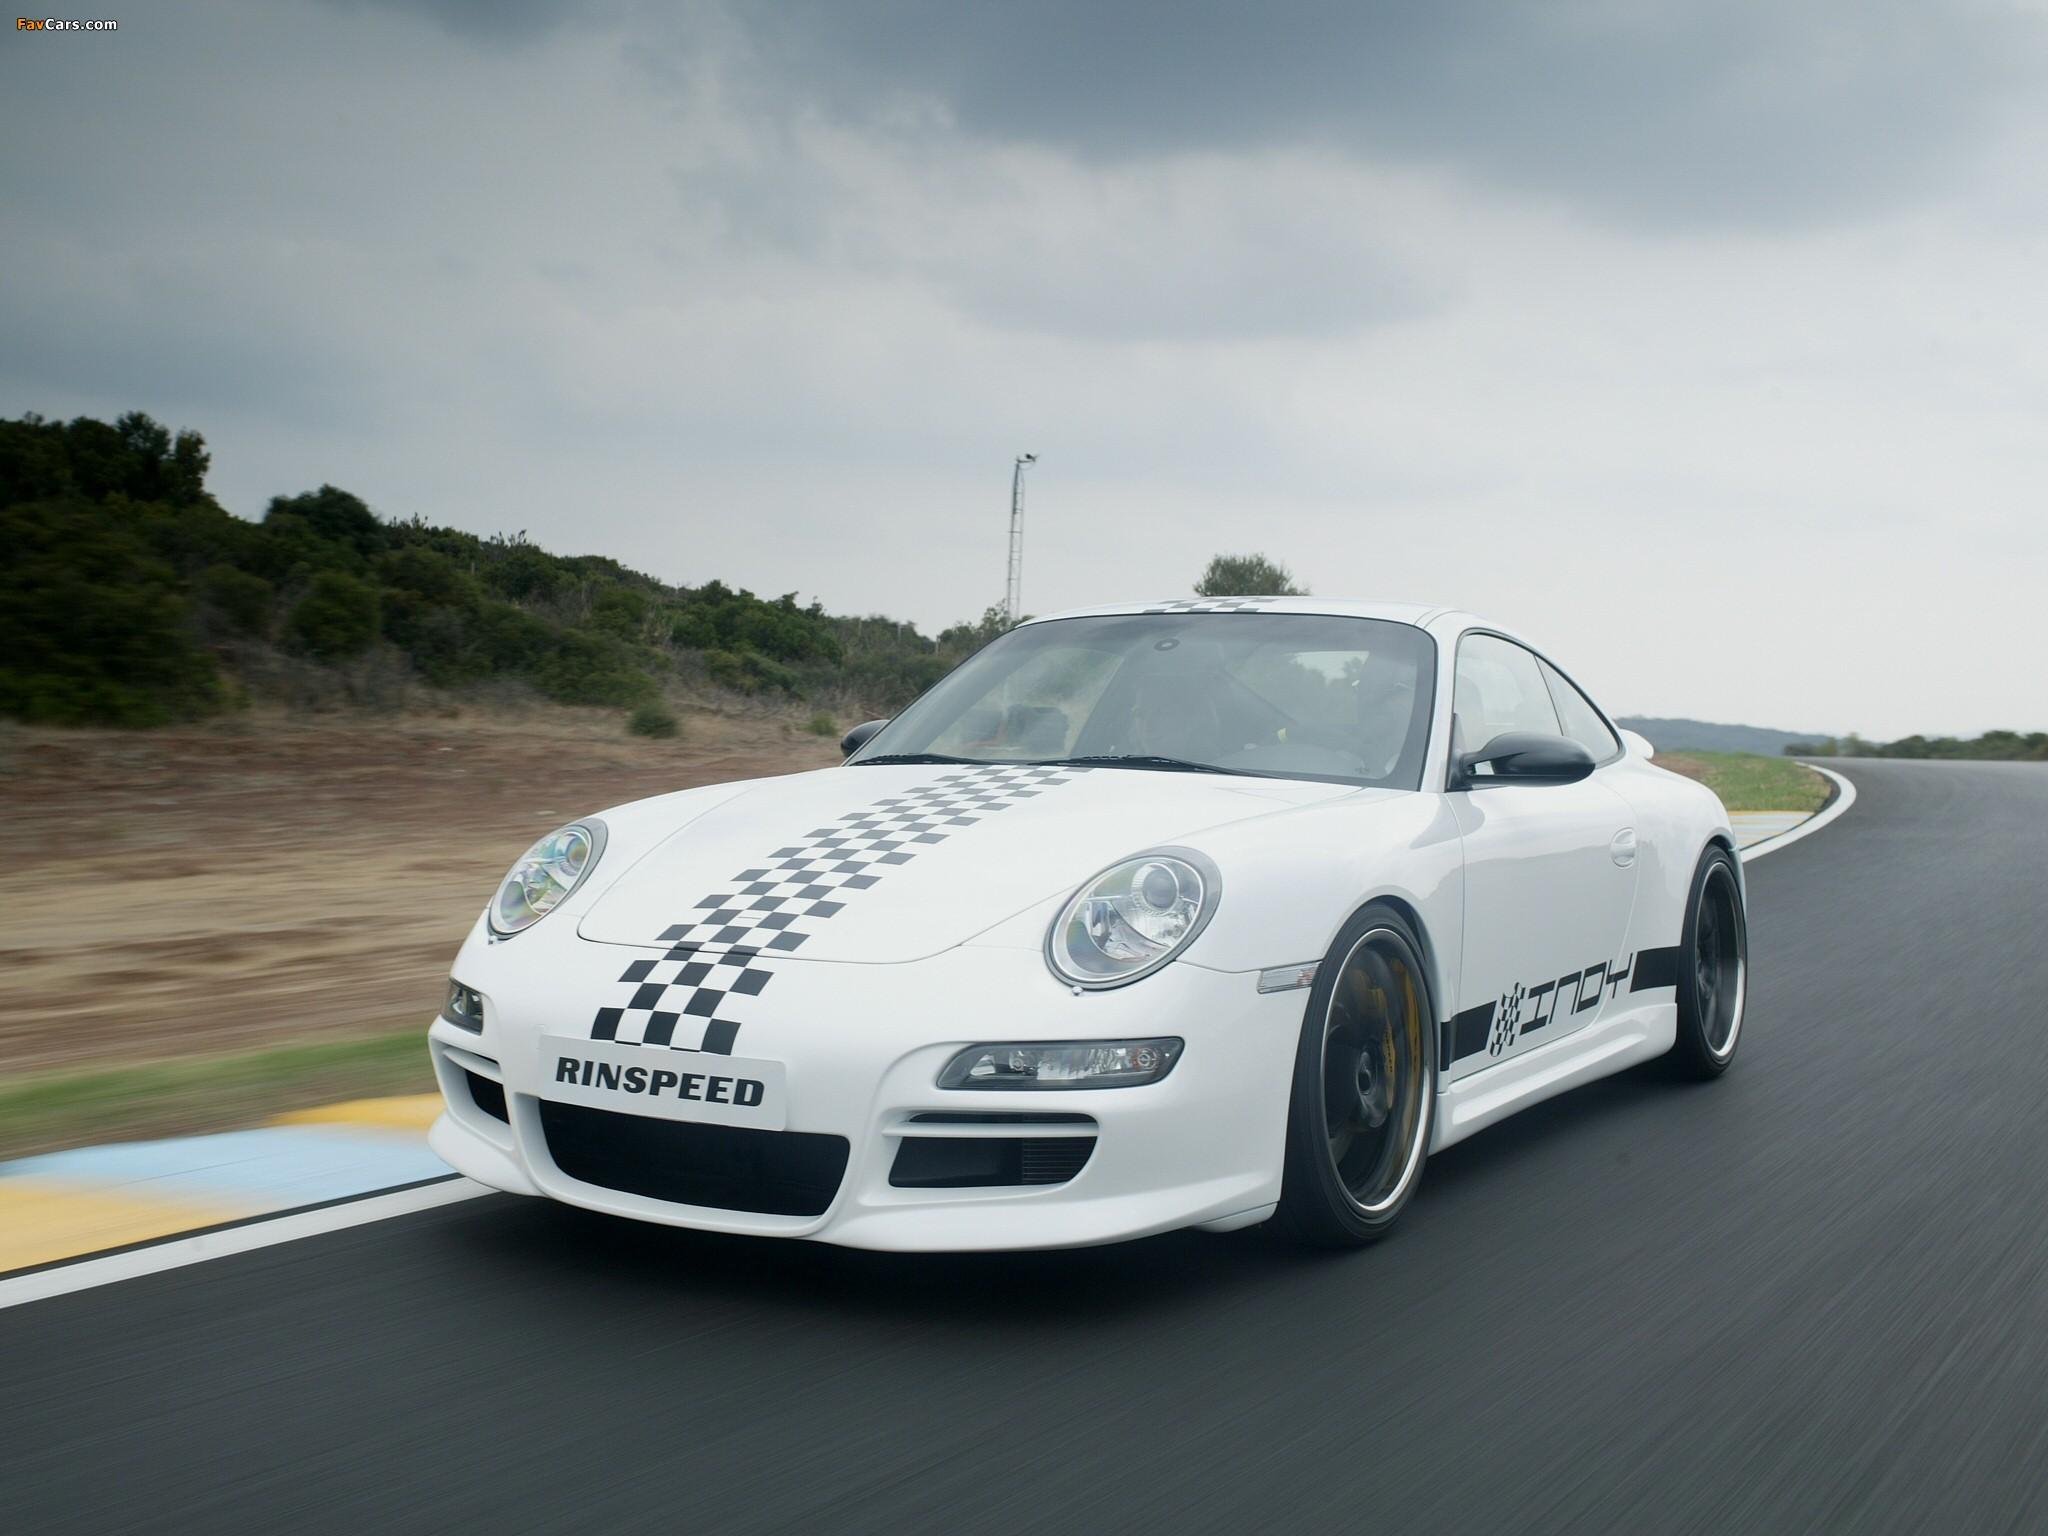 Rinspeed Porsche Indy (997) 2005 pictures (2048 x 1536)